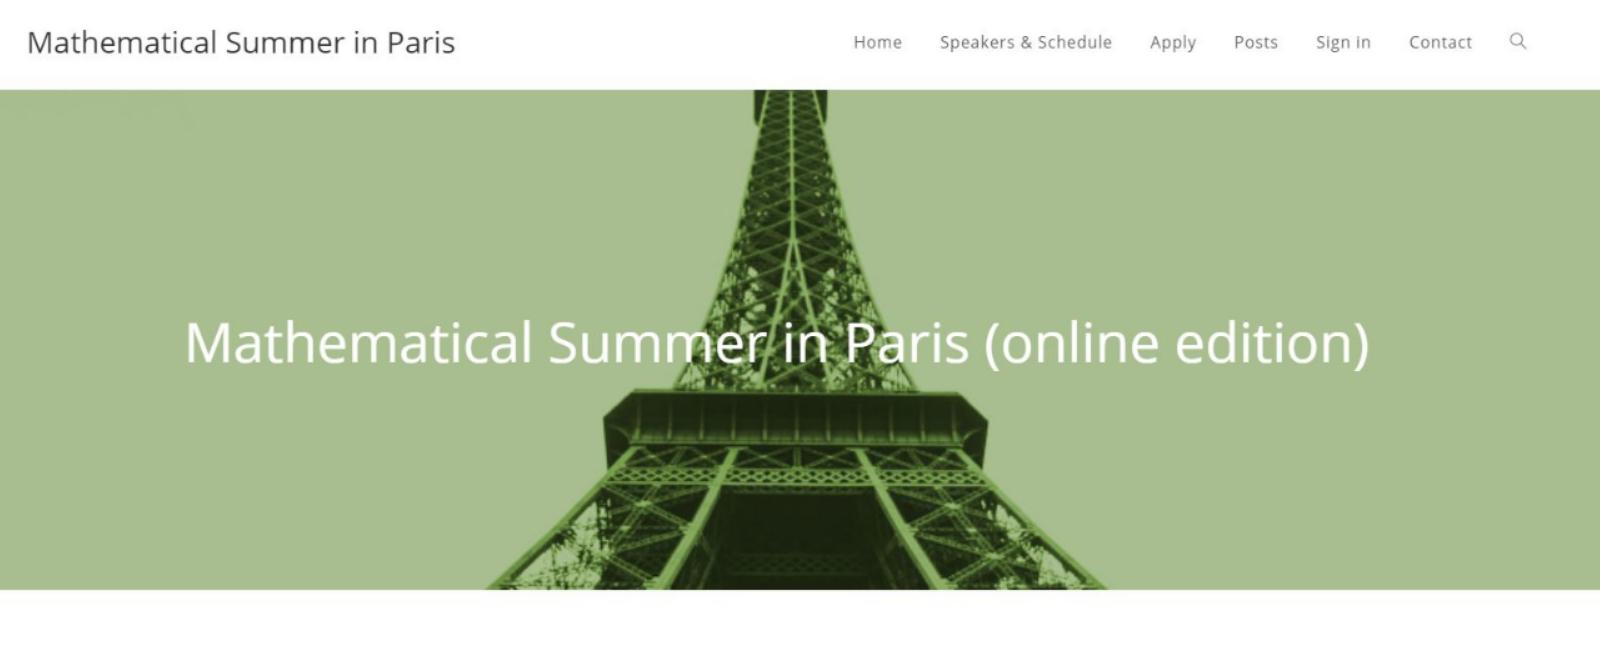 Mathematical Summer in Paris (online edition)